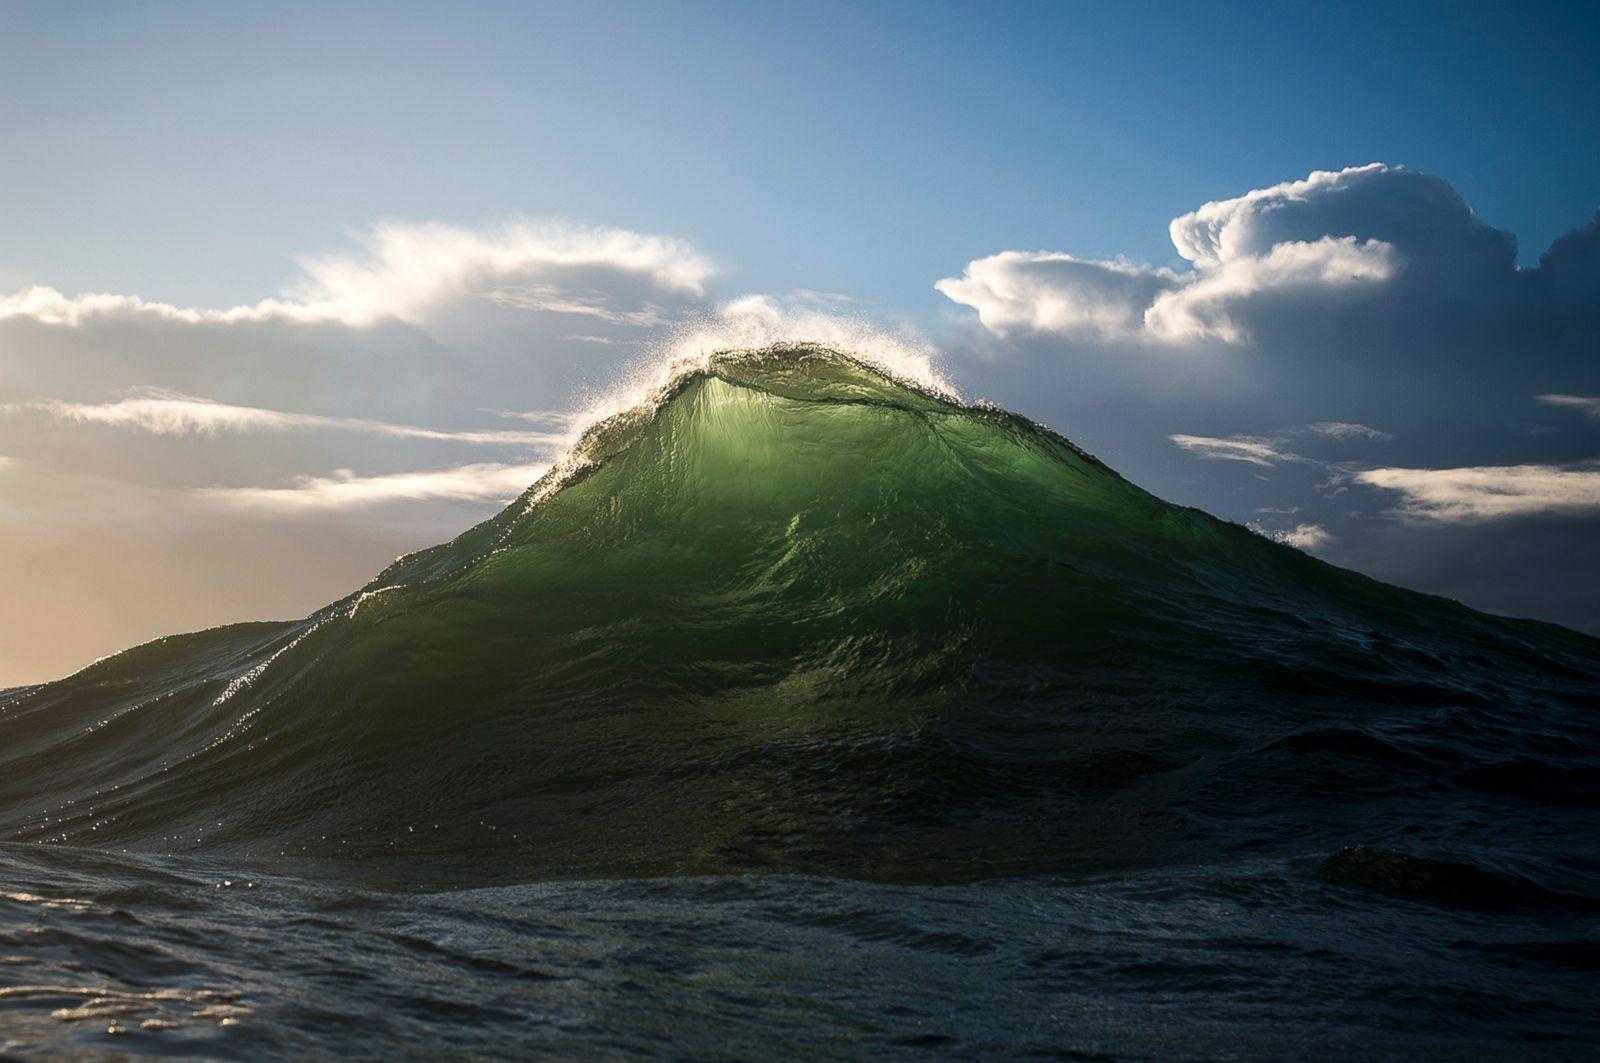 Mountain ocean